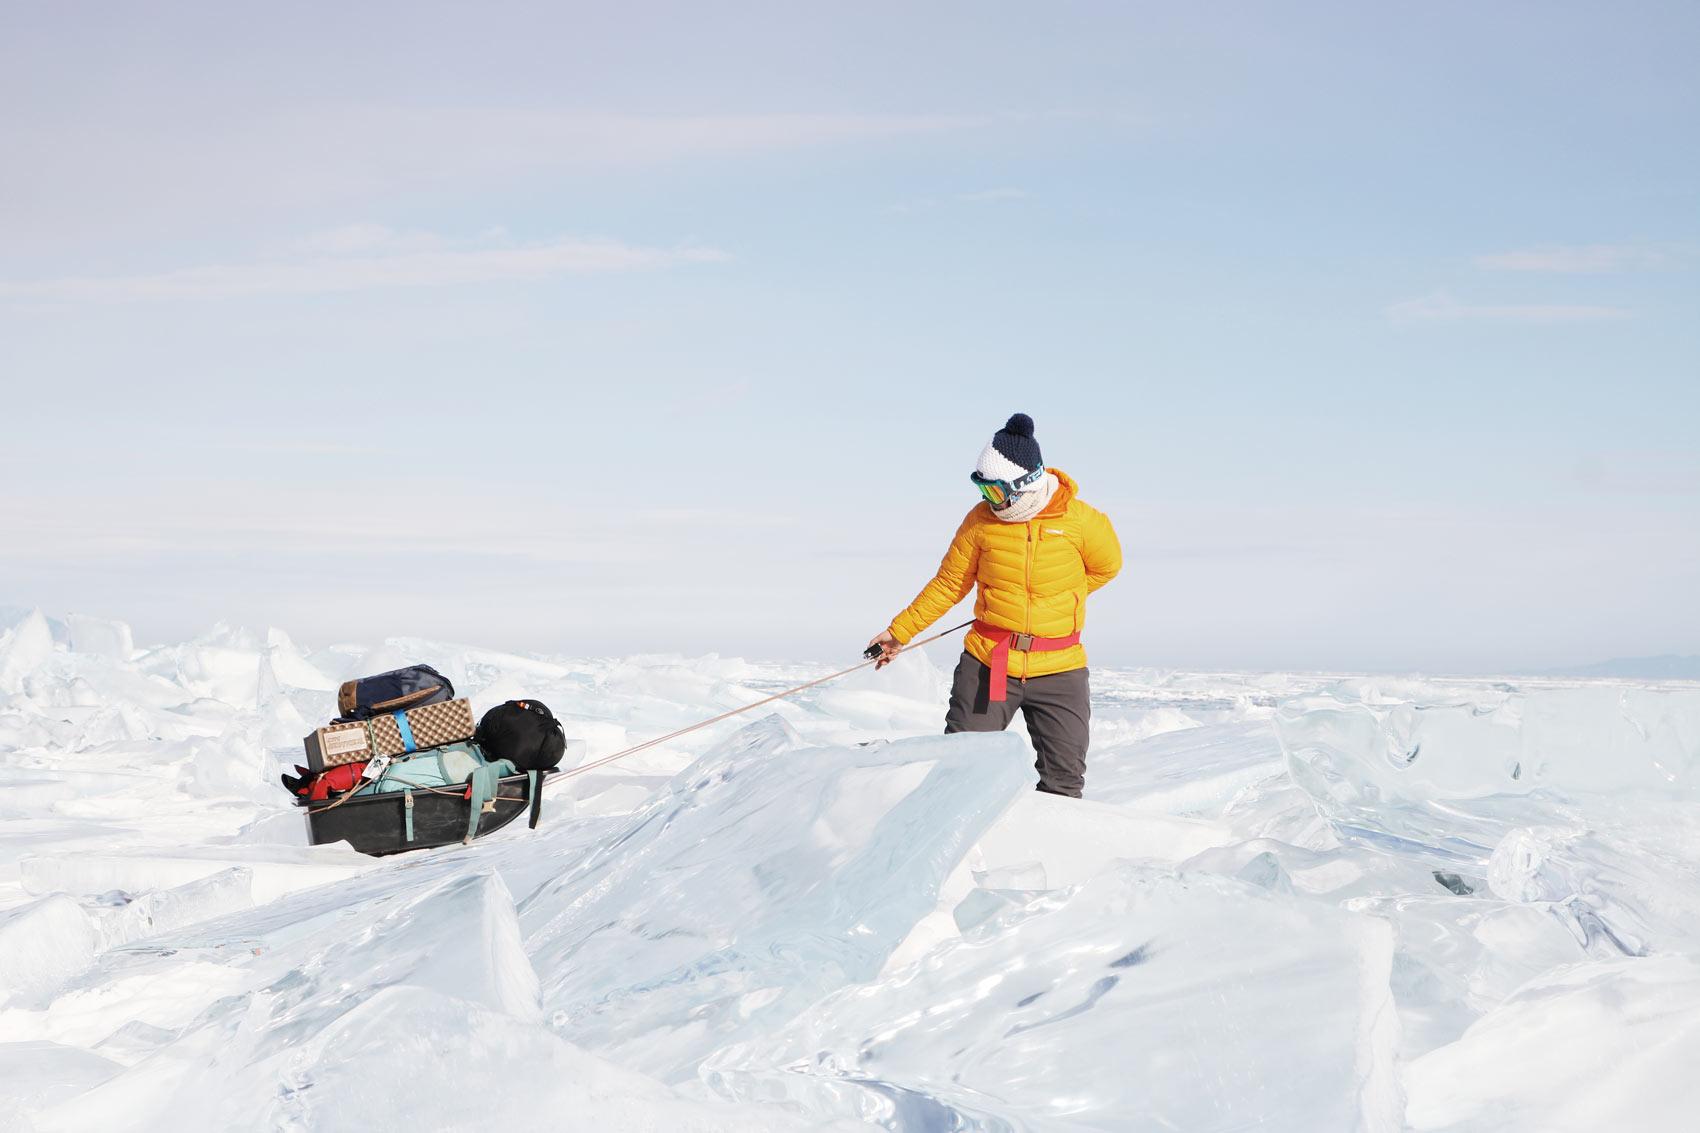 voyage hors des sentiers battus : le lac baikal en hiver